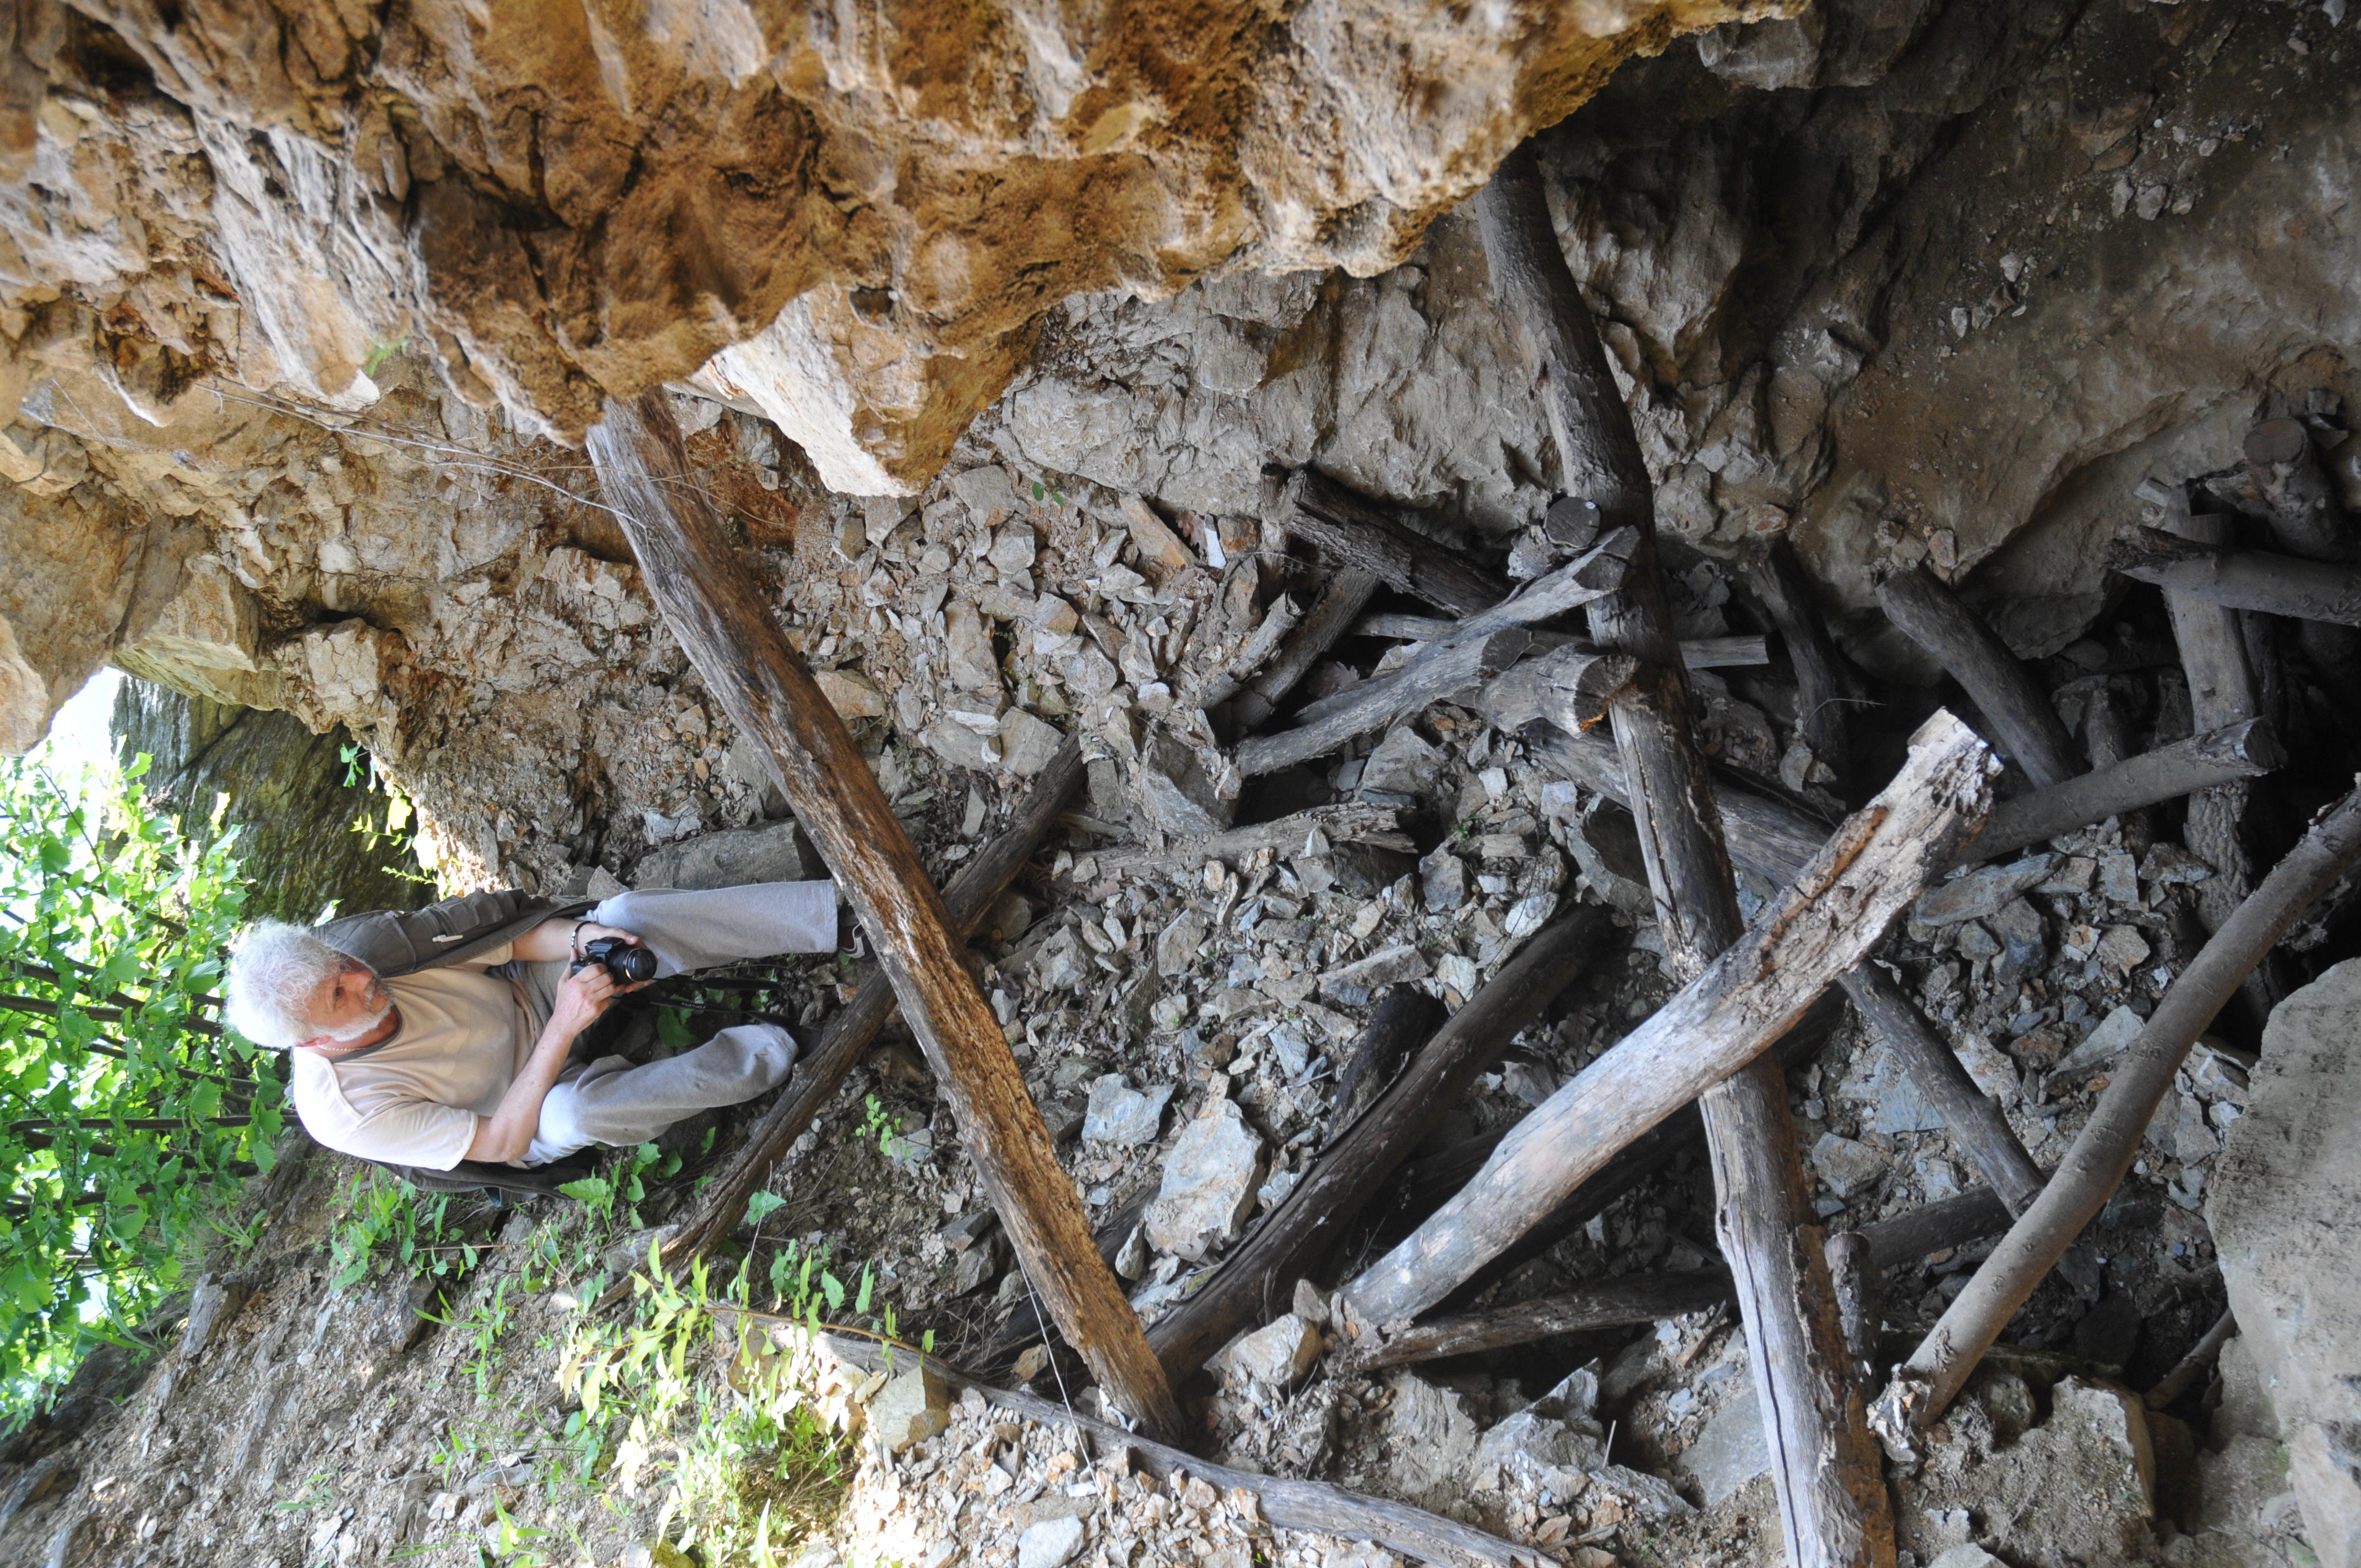 Go to Najveći prirodni kameni most u Srbiji:valja prerast valja videti